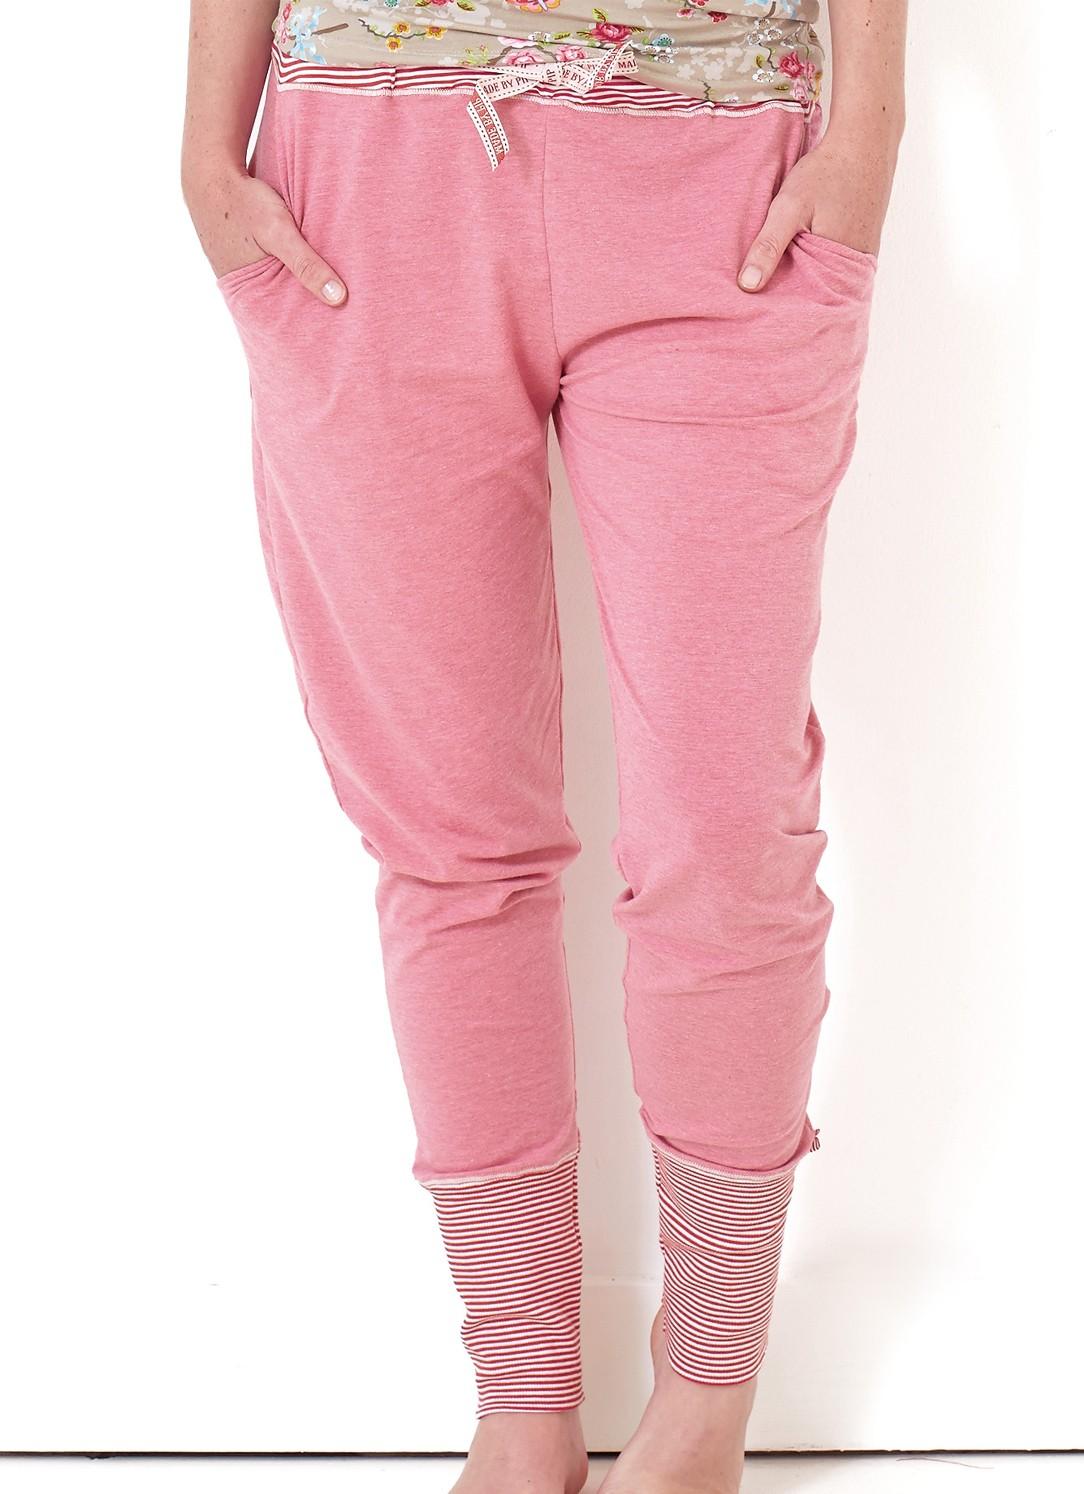 pip damen hose bobien melee lang pink marken pip studio pip studio homewear. Black Bedroom Furniture Sets. Home Design Ideas